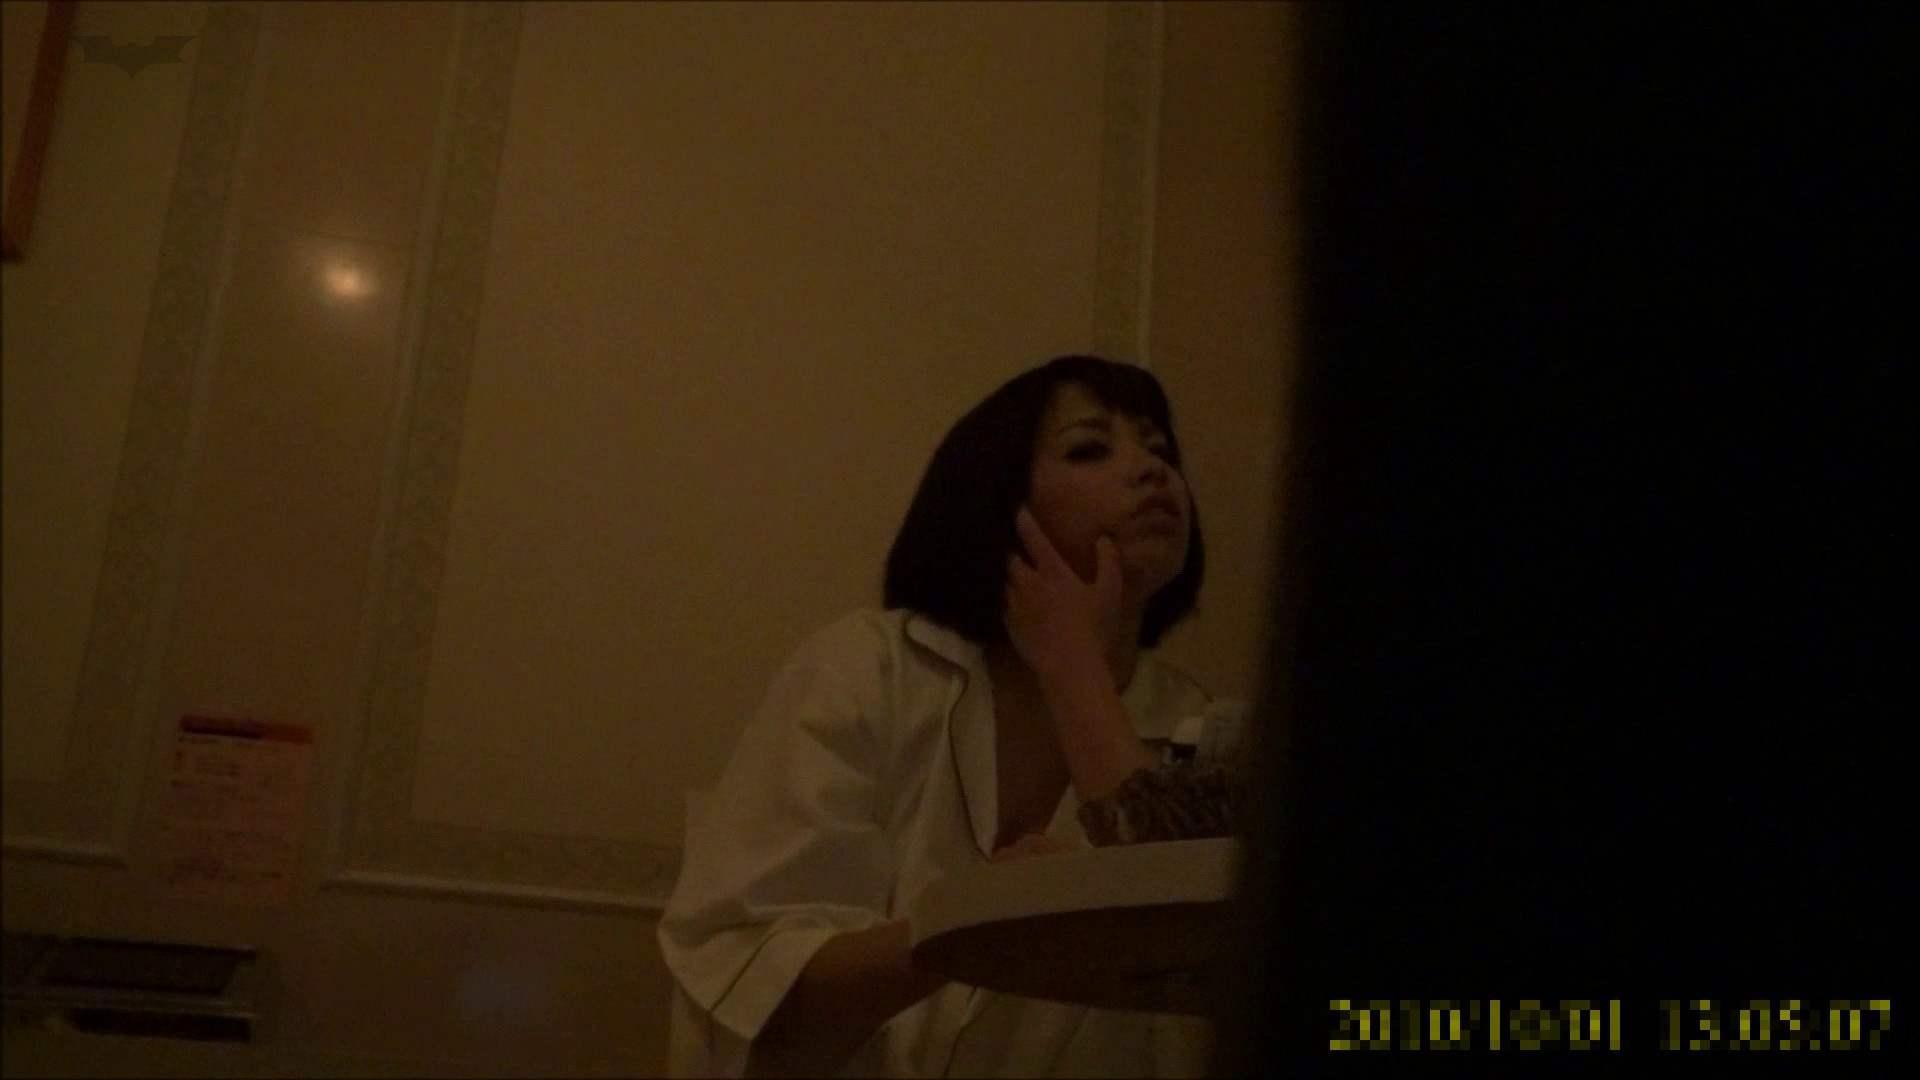 【未公開】vol.96 {茶髪→黒髪ギャル}美巨乳アミちゃん③【前編】 トイレ中   ホテル  96連発 20